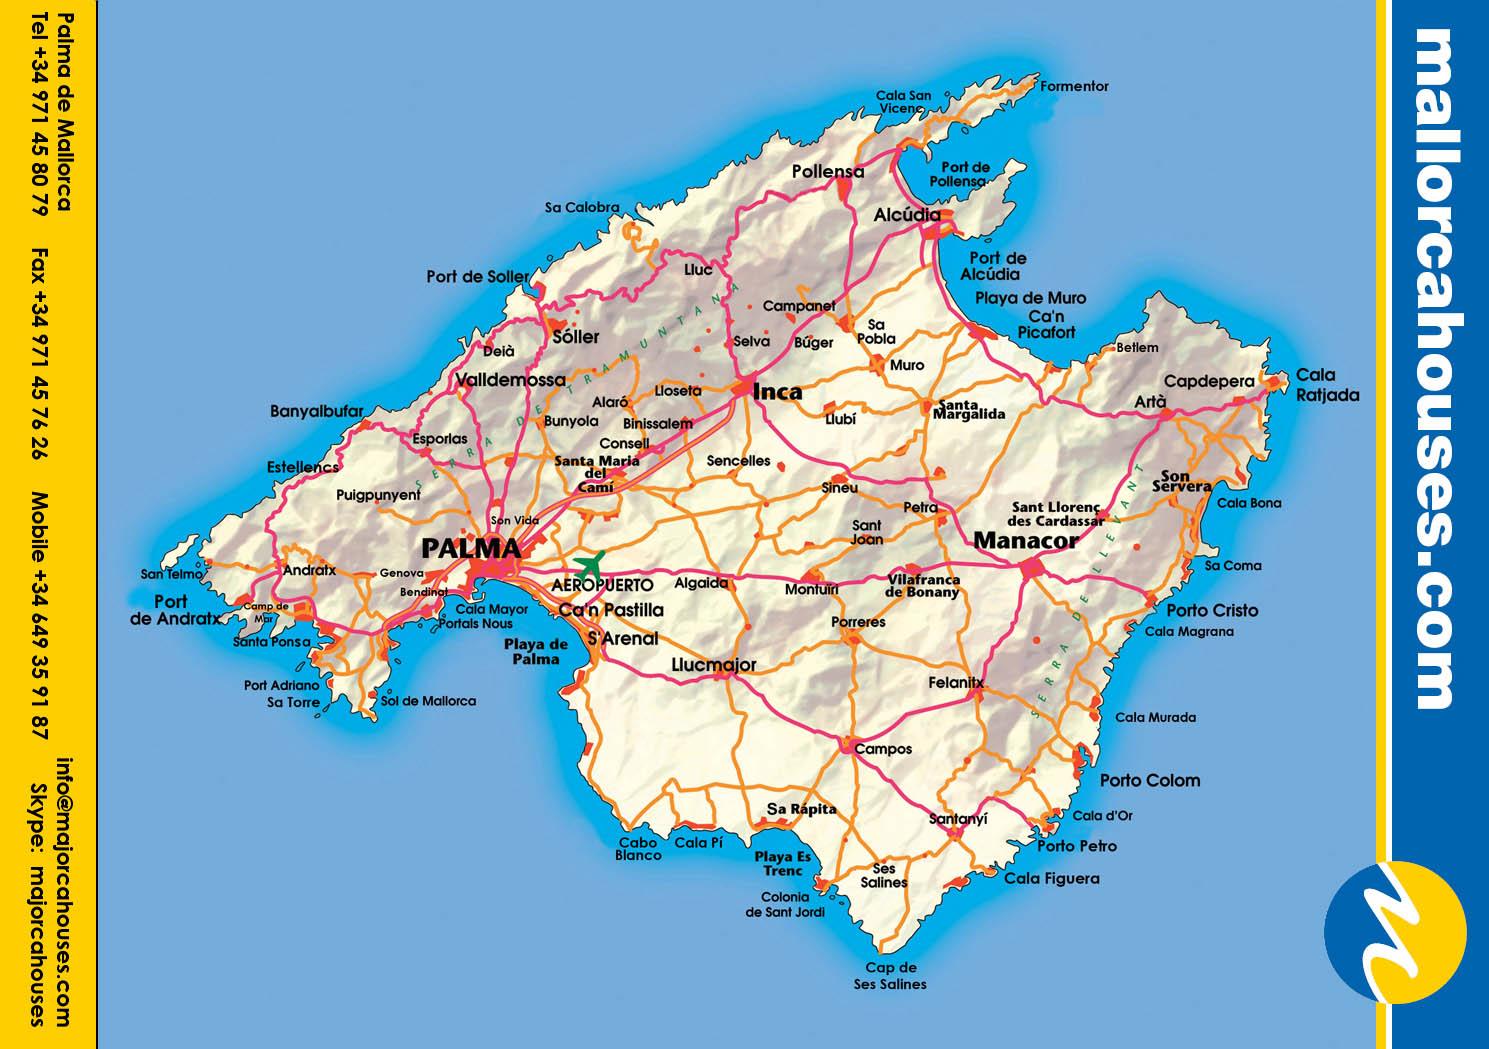 espanha mapa praias Mapas de Palma   Espanha | MapasBlog espanha mapa praias